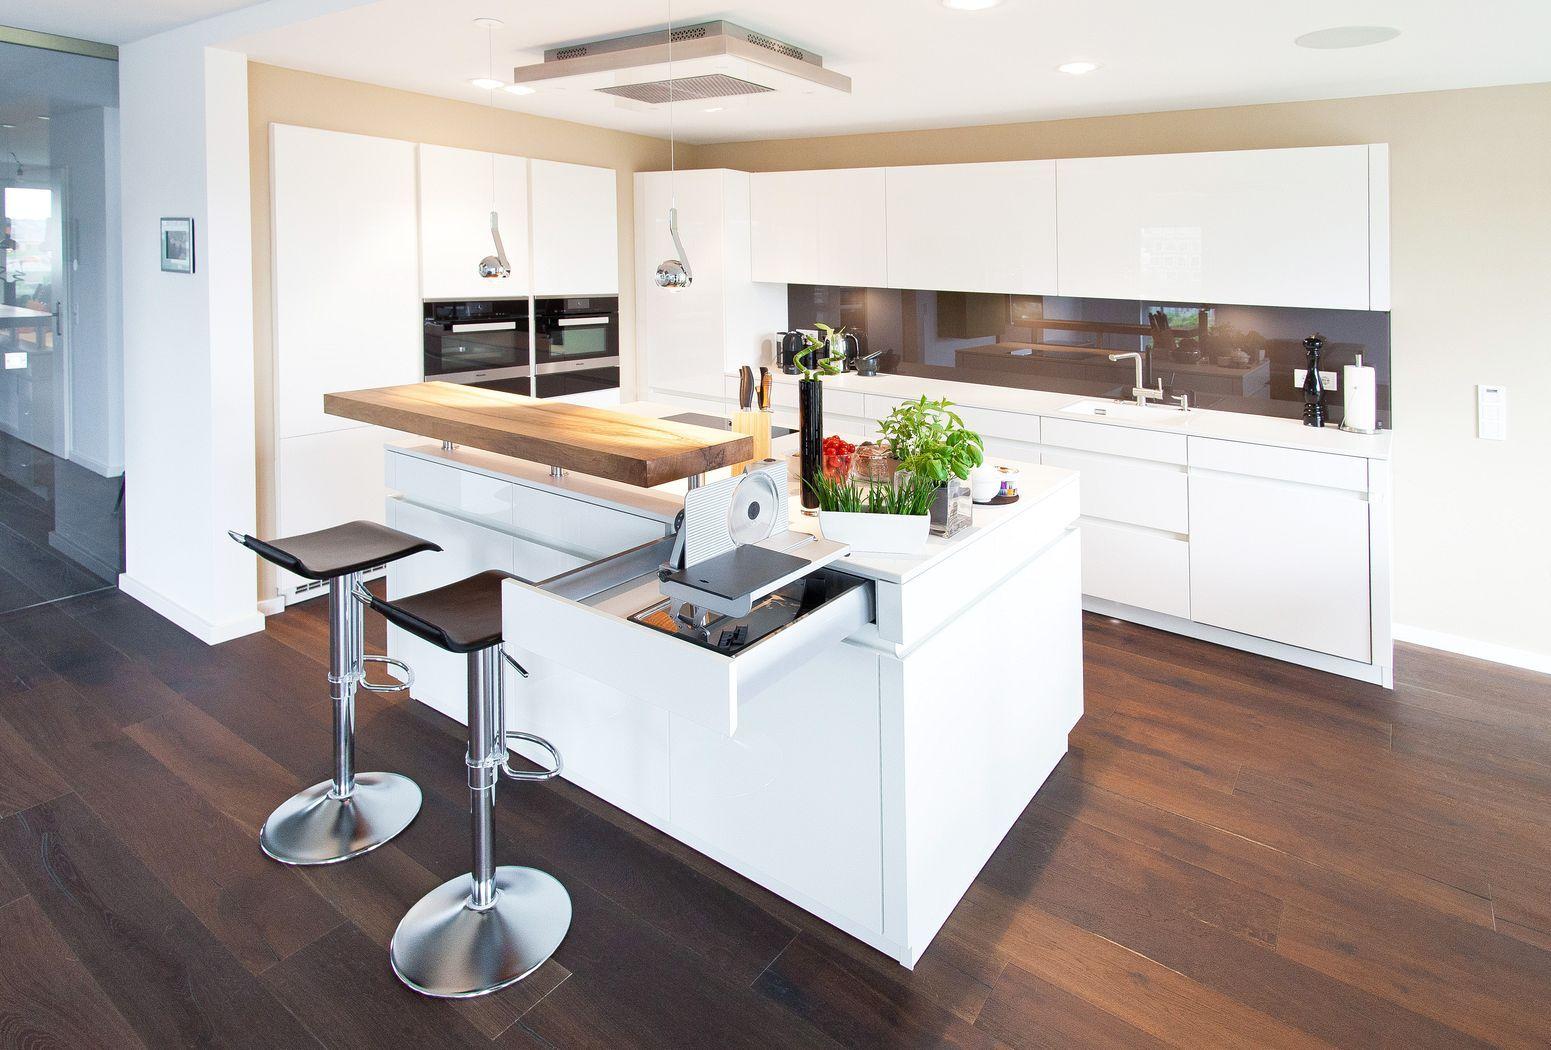 Kochinsel Weiss Hochglanz Kueche Design Grifflos 12 Jpg 1 551 1 050 Pixel Kuche Hochglanz Moderne Kuche Kuchen Design